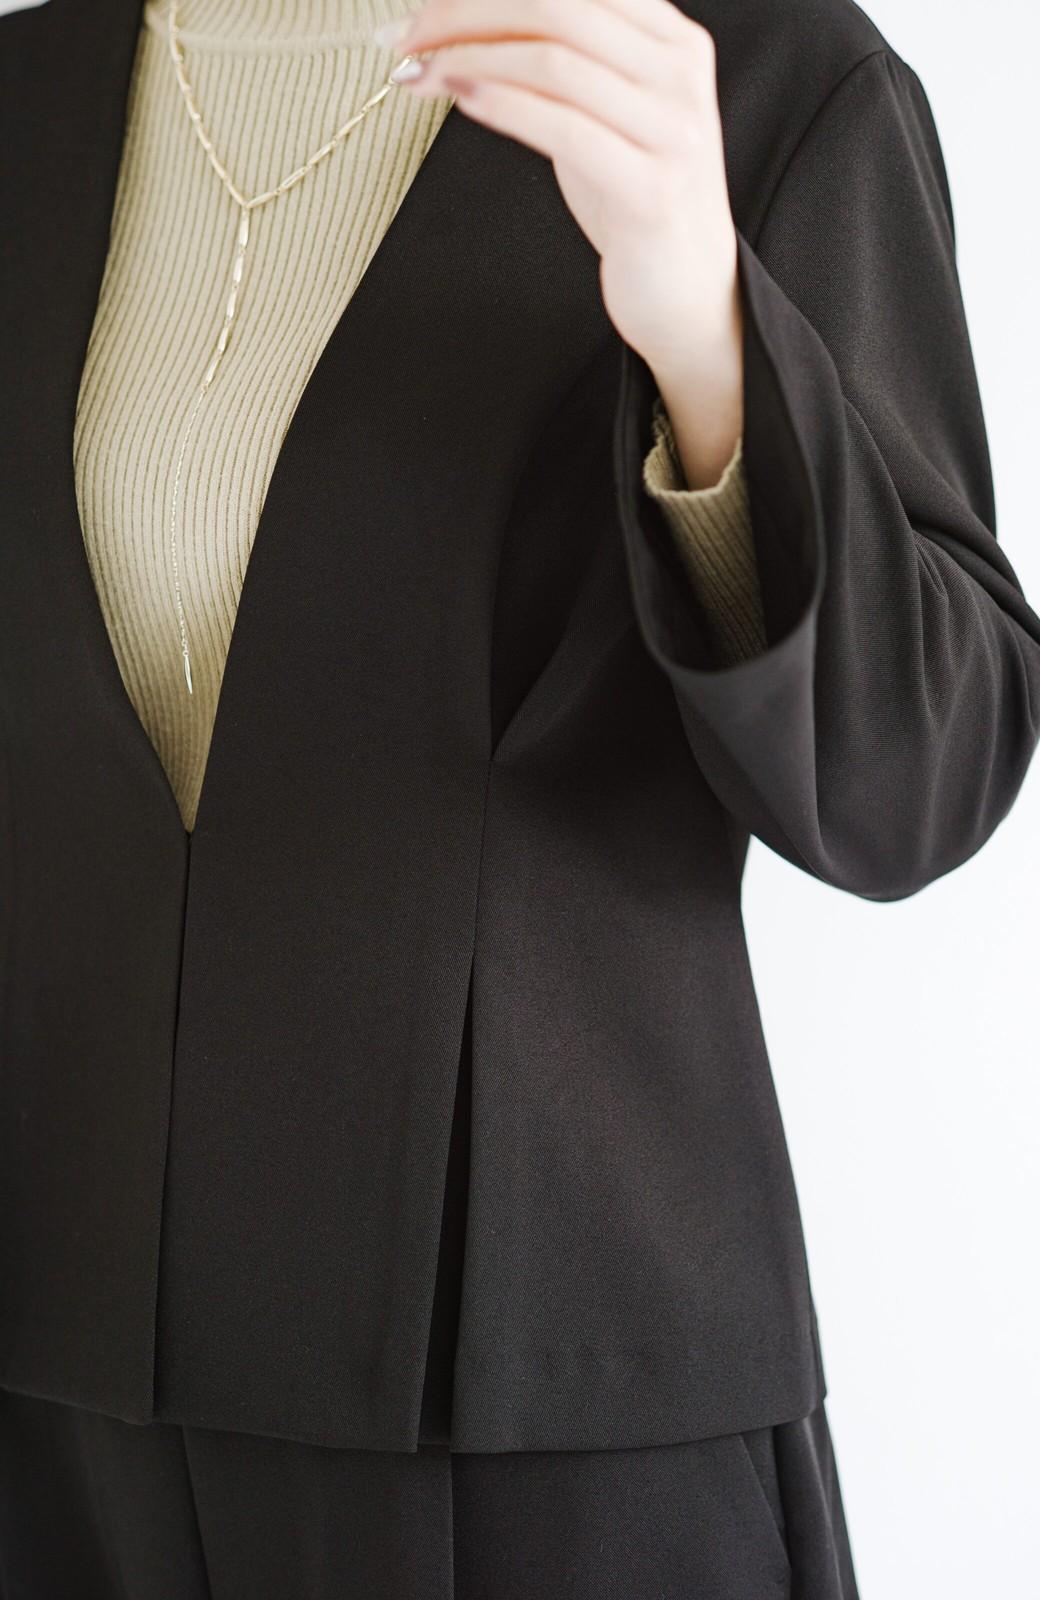 haco! 【華やか】これさえあればきちんとシーンも地味すぎない! 大人の華やかジャケット・スカート2点セット <ブラック>の商品写真14